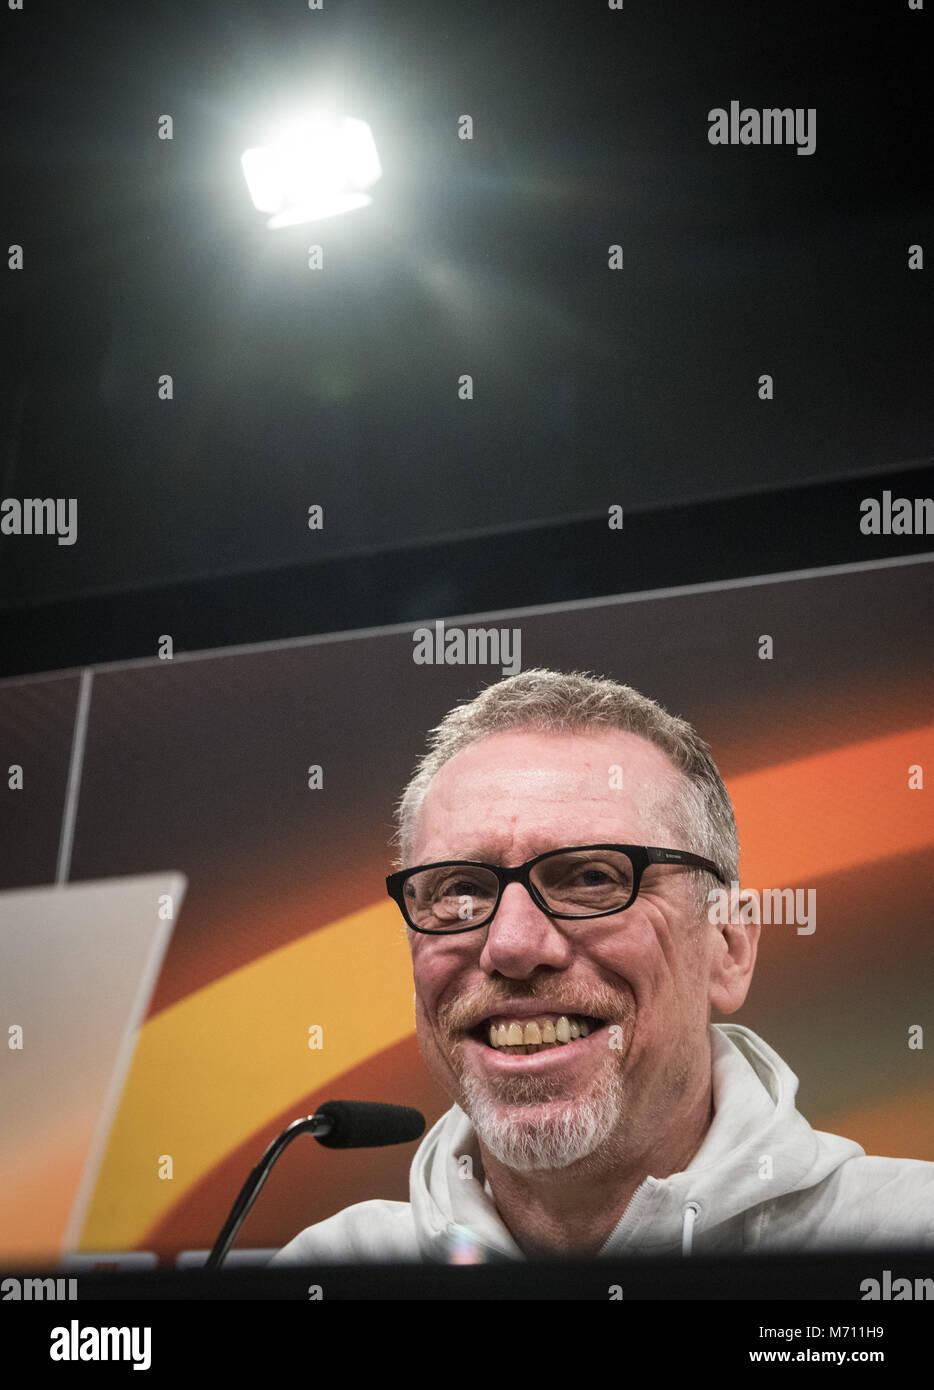 07 März 2018, Deutschland, Dortmund: Borussia Dortmunds Trainer Peter Stoeger gibt eine Pressekonferenz im Signal Stockfoto